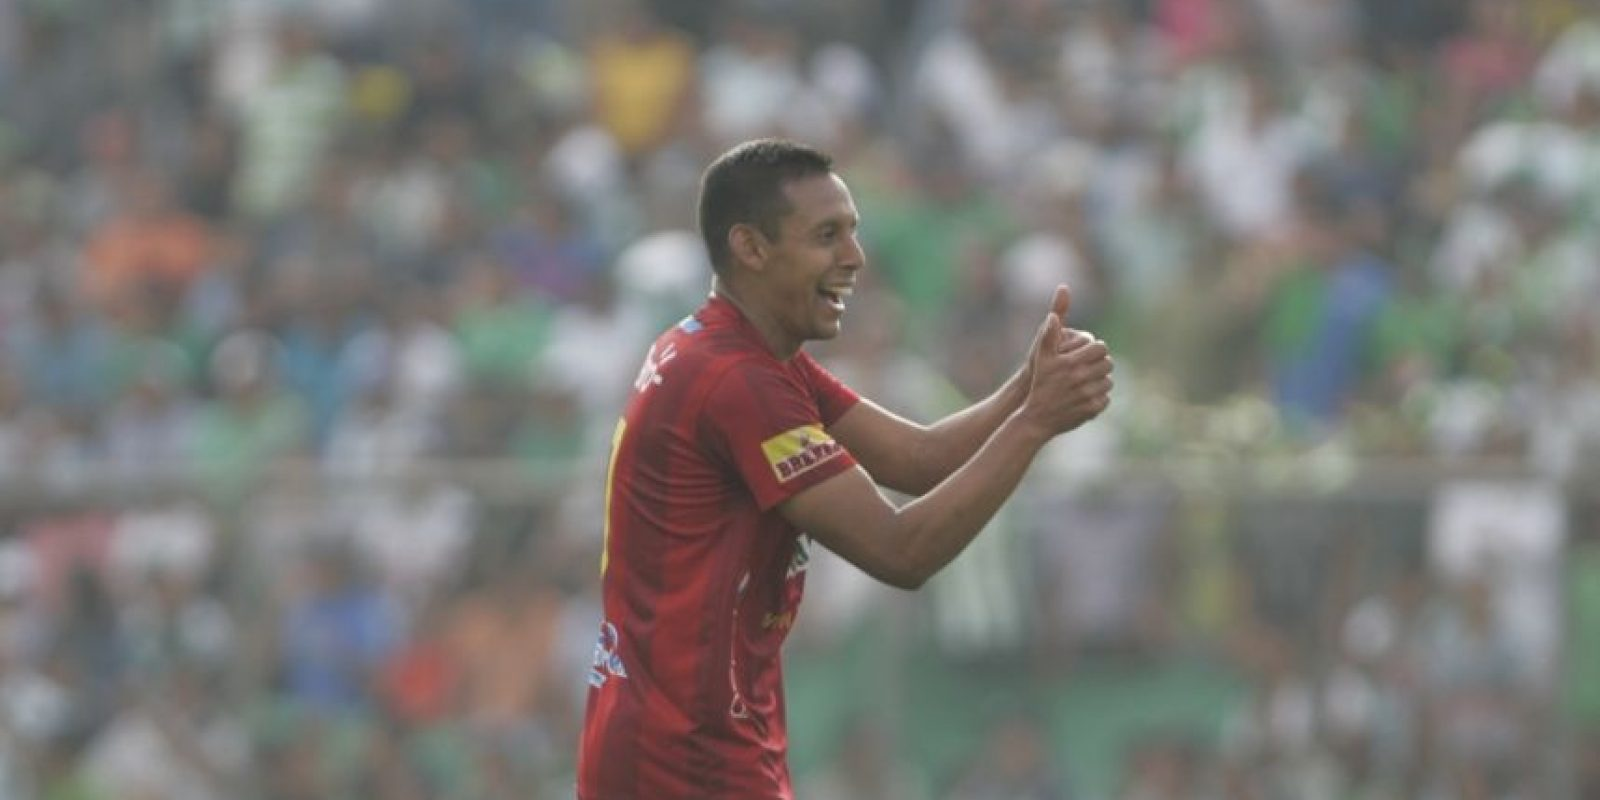 """Claudio """"el Manía"""" Albizuris fue el encargado de poner el 1-1 frente a los panzas verdes. Foto:Publinews"""